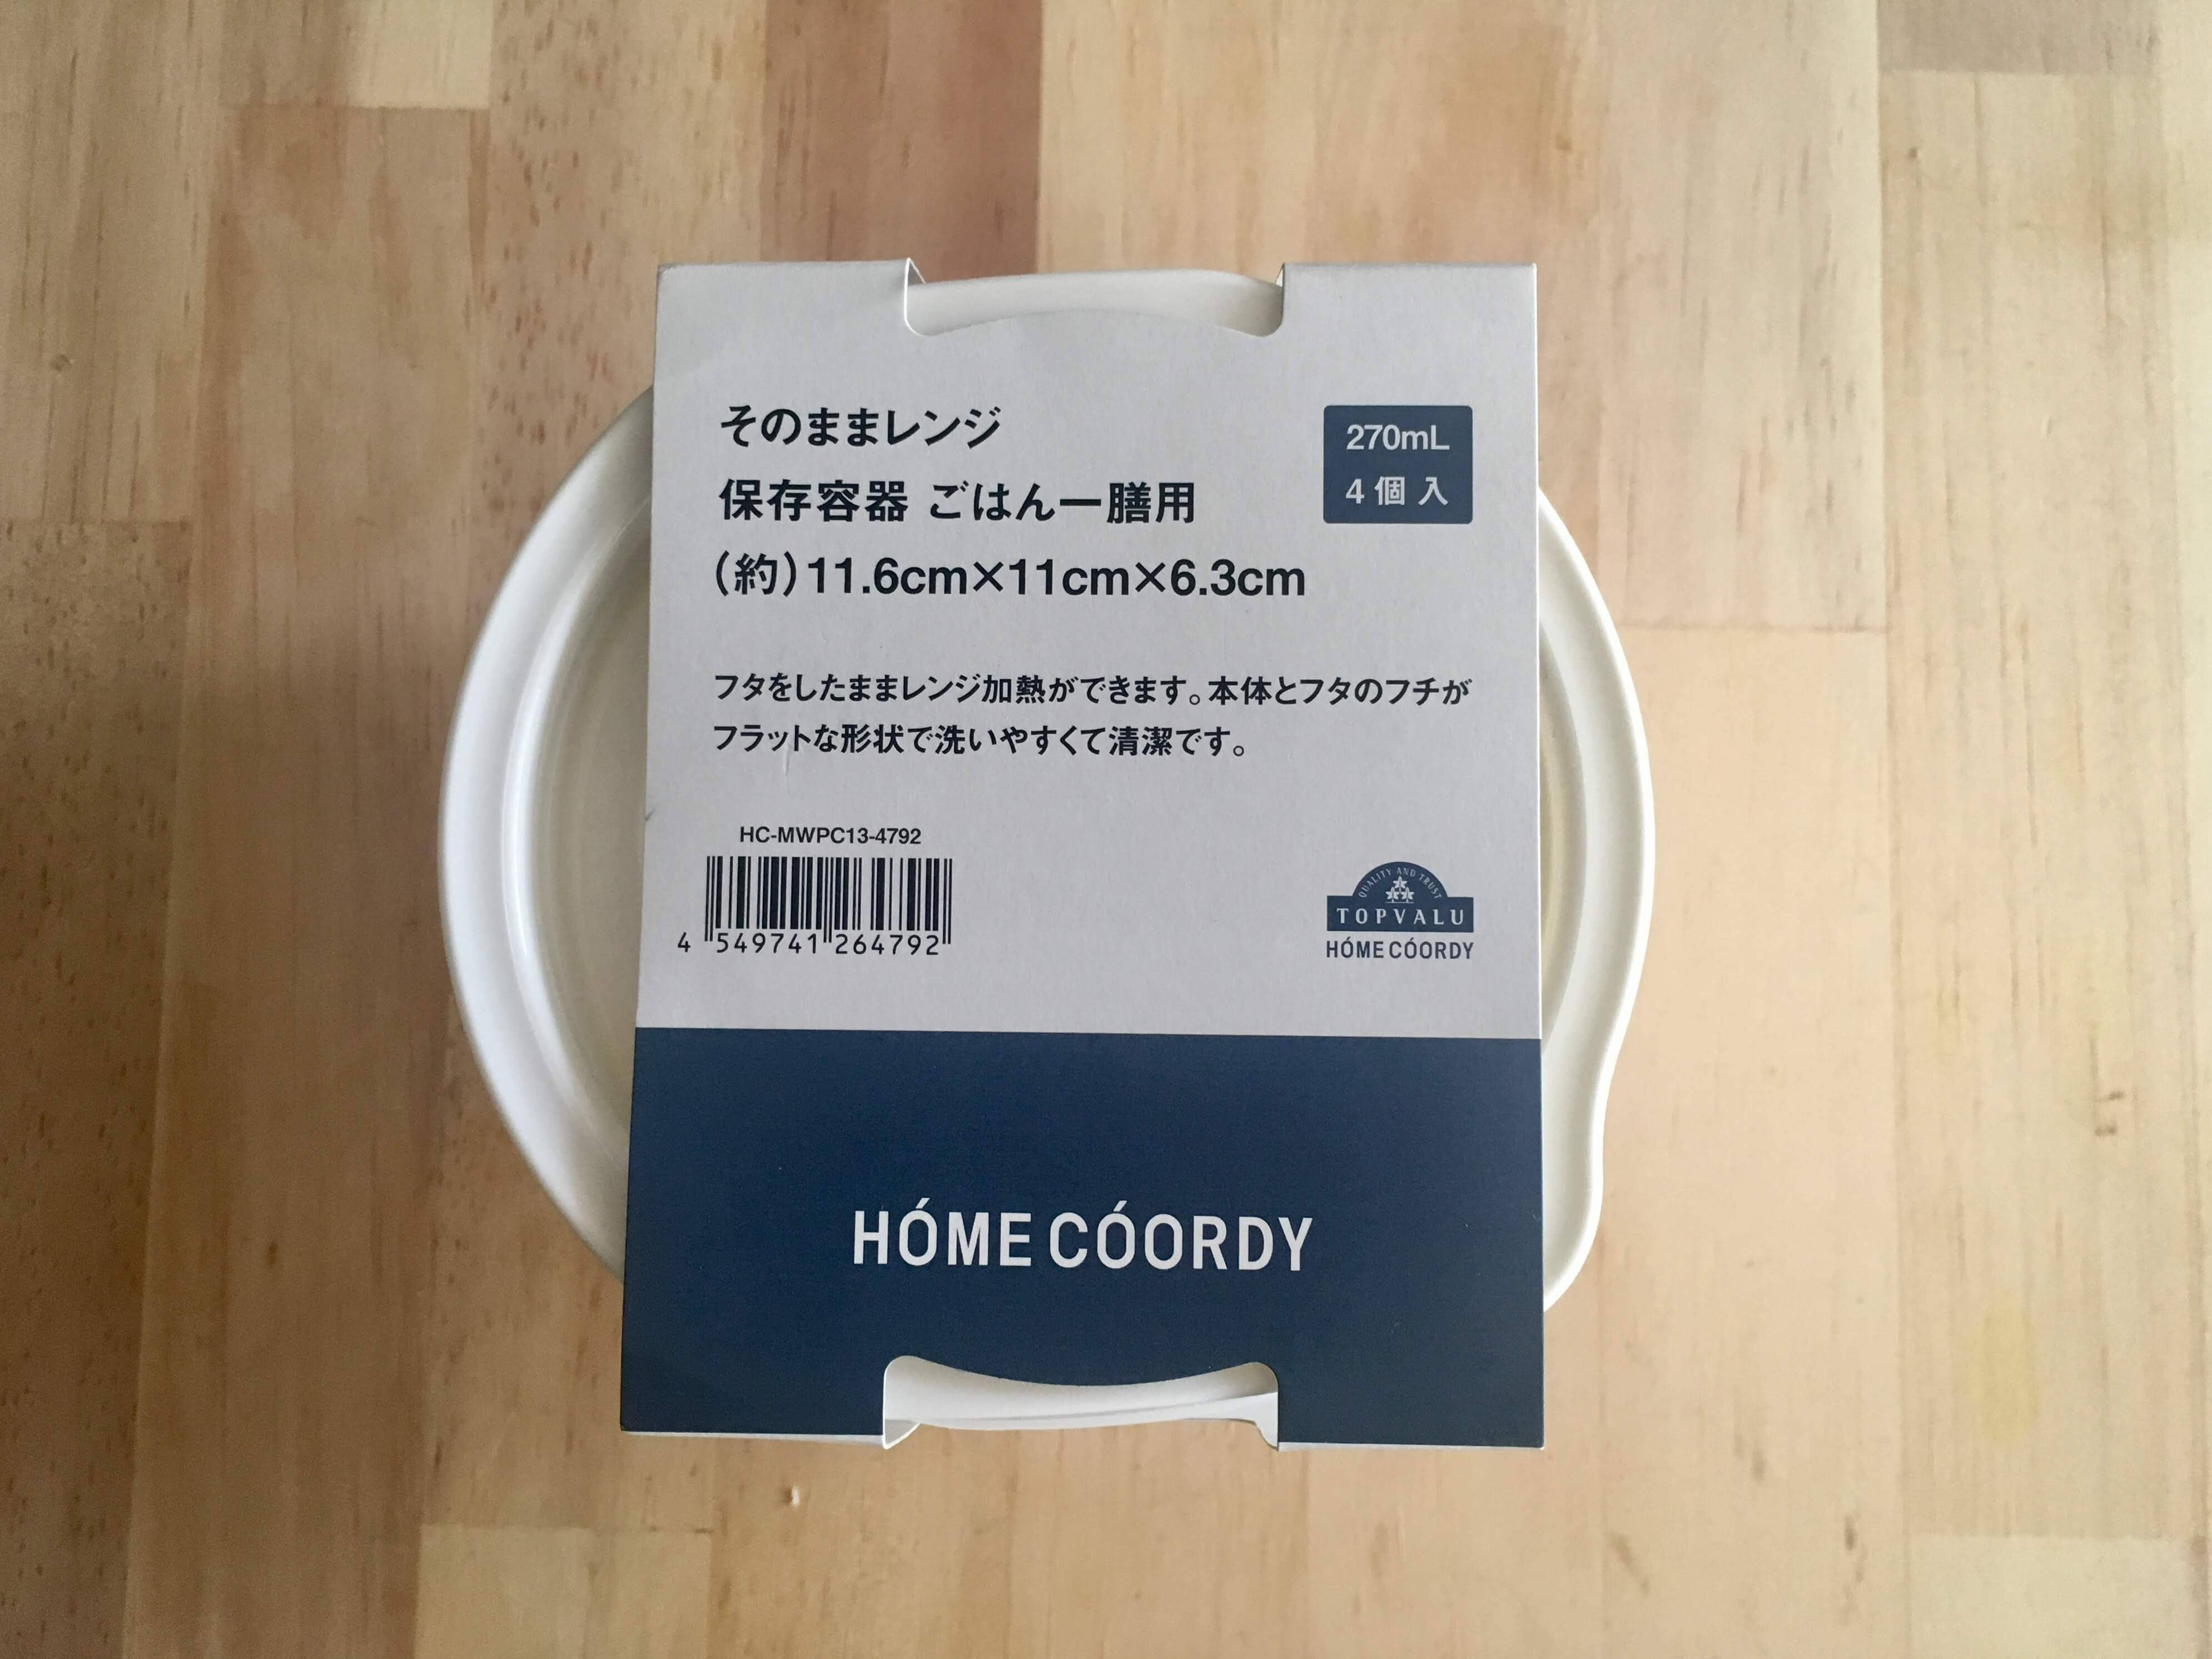 イオンの冷凍ご飯タッパーHOME COORDY そのままレンジ保存容器ご飯一膳用4個入のパッケージ画像